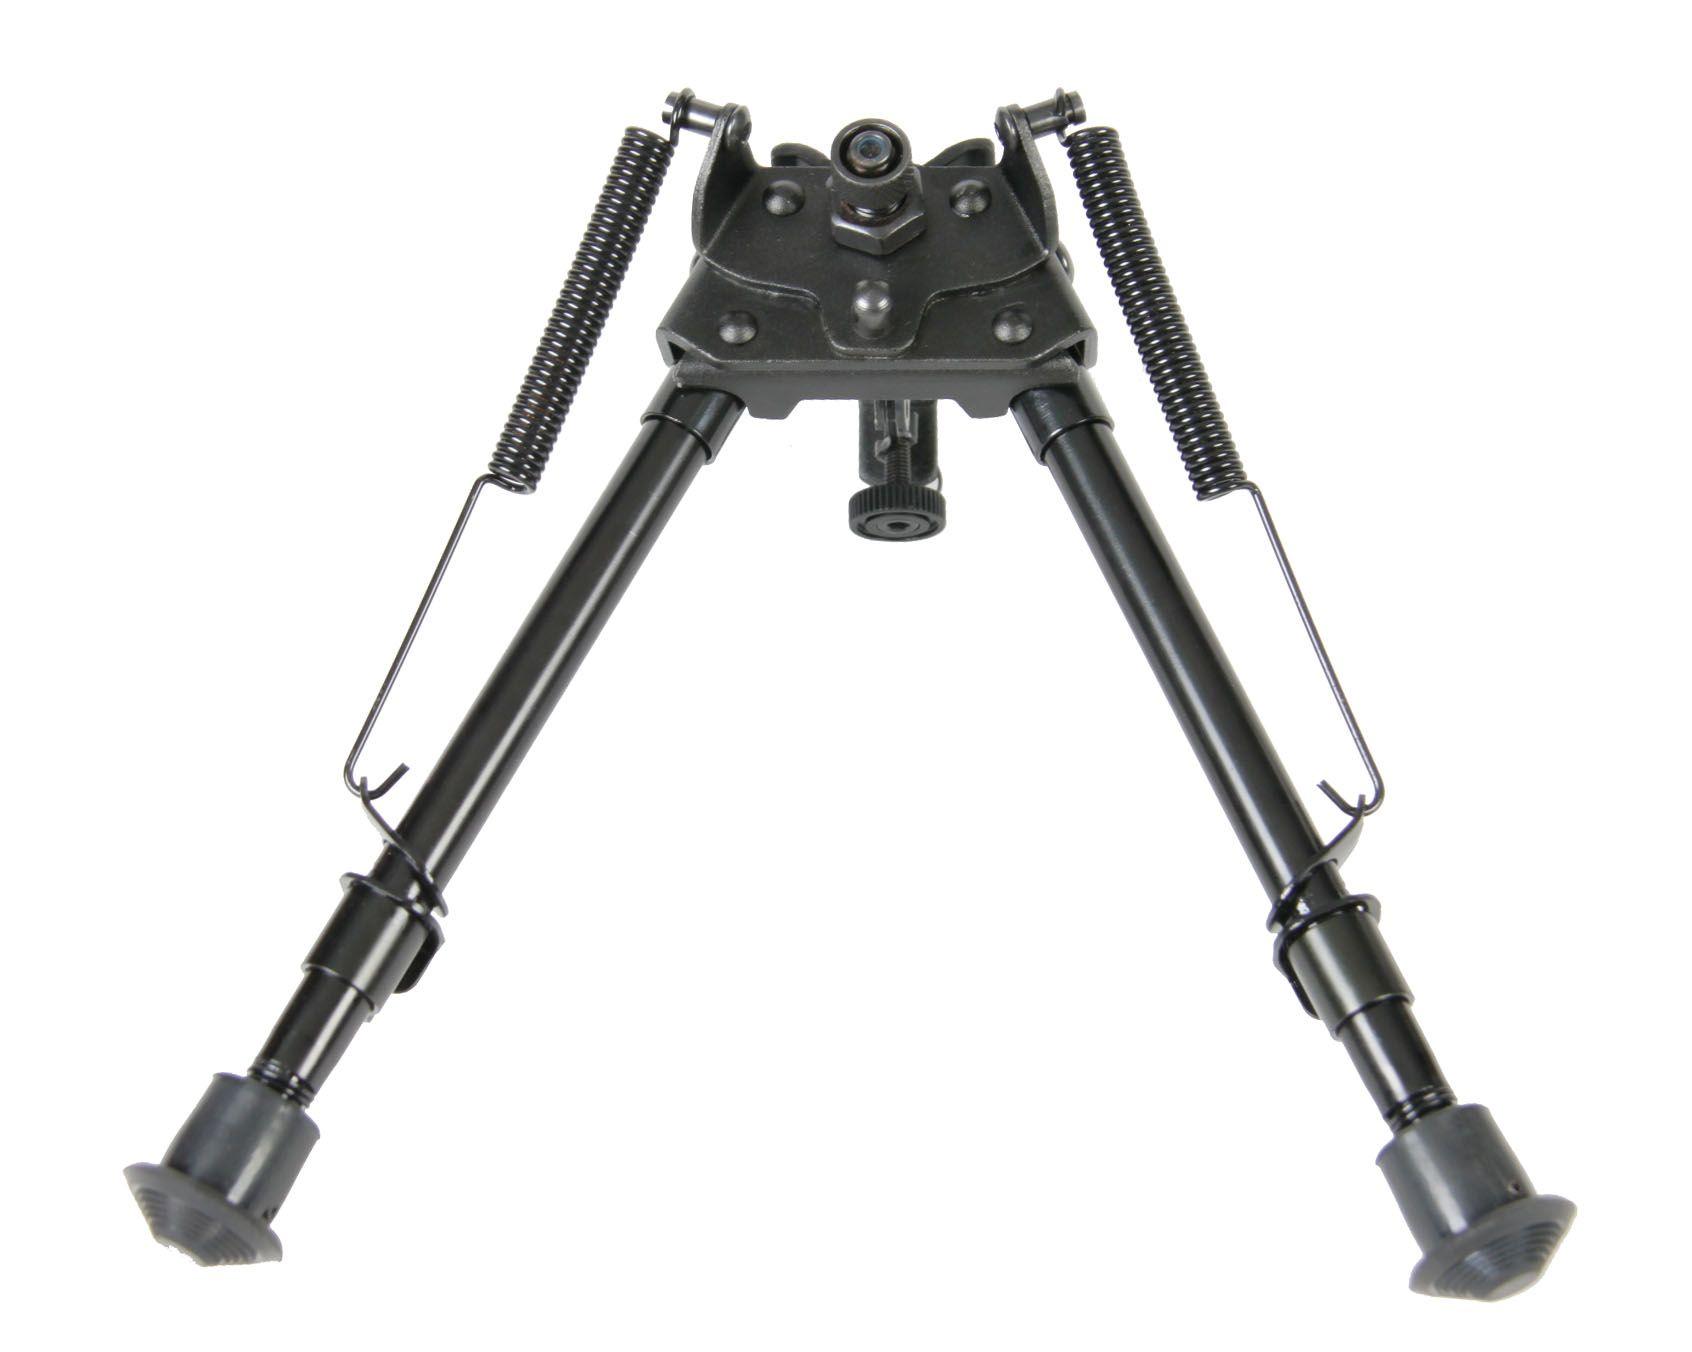 Nuovo arrivo Vendita calda M3 Pollici BiPod BiPod Tactical BiPod BiPod per la caccia Colore nero 9 CL17-0011 Airsoft Sport KTBAR